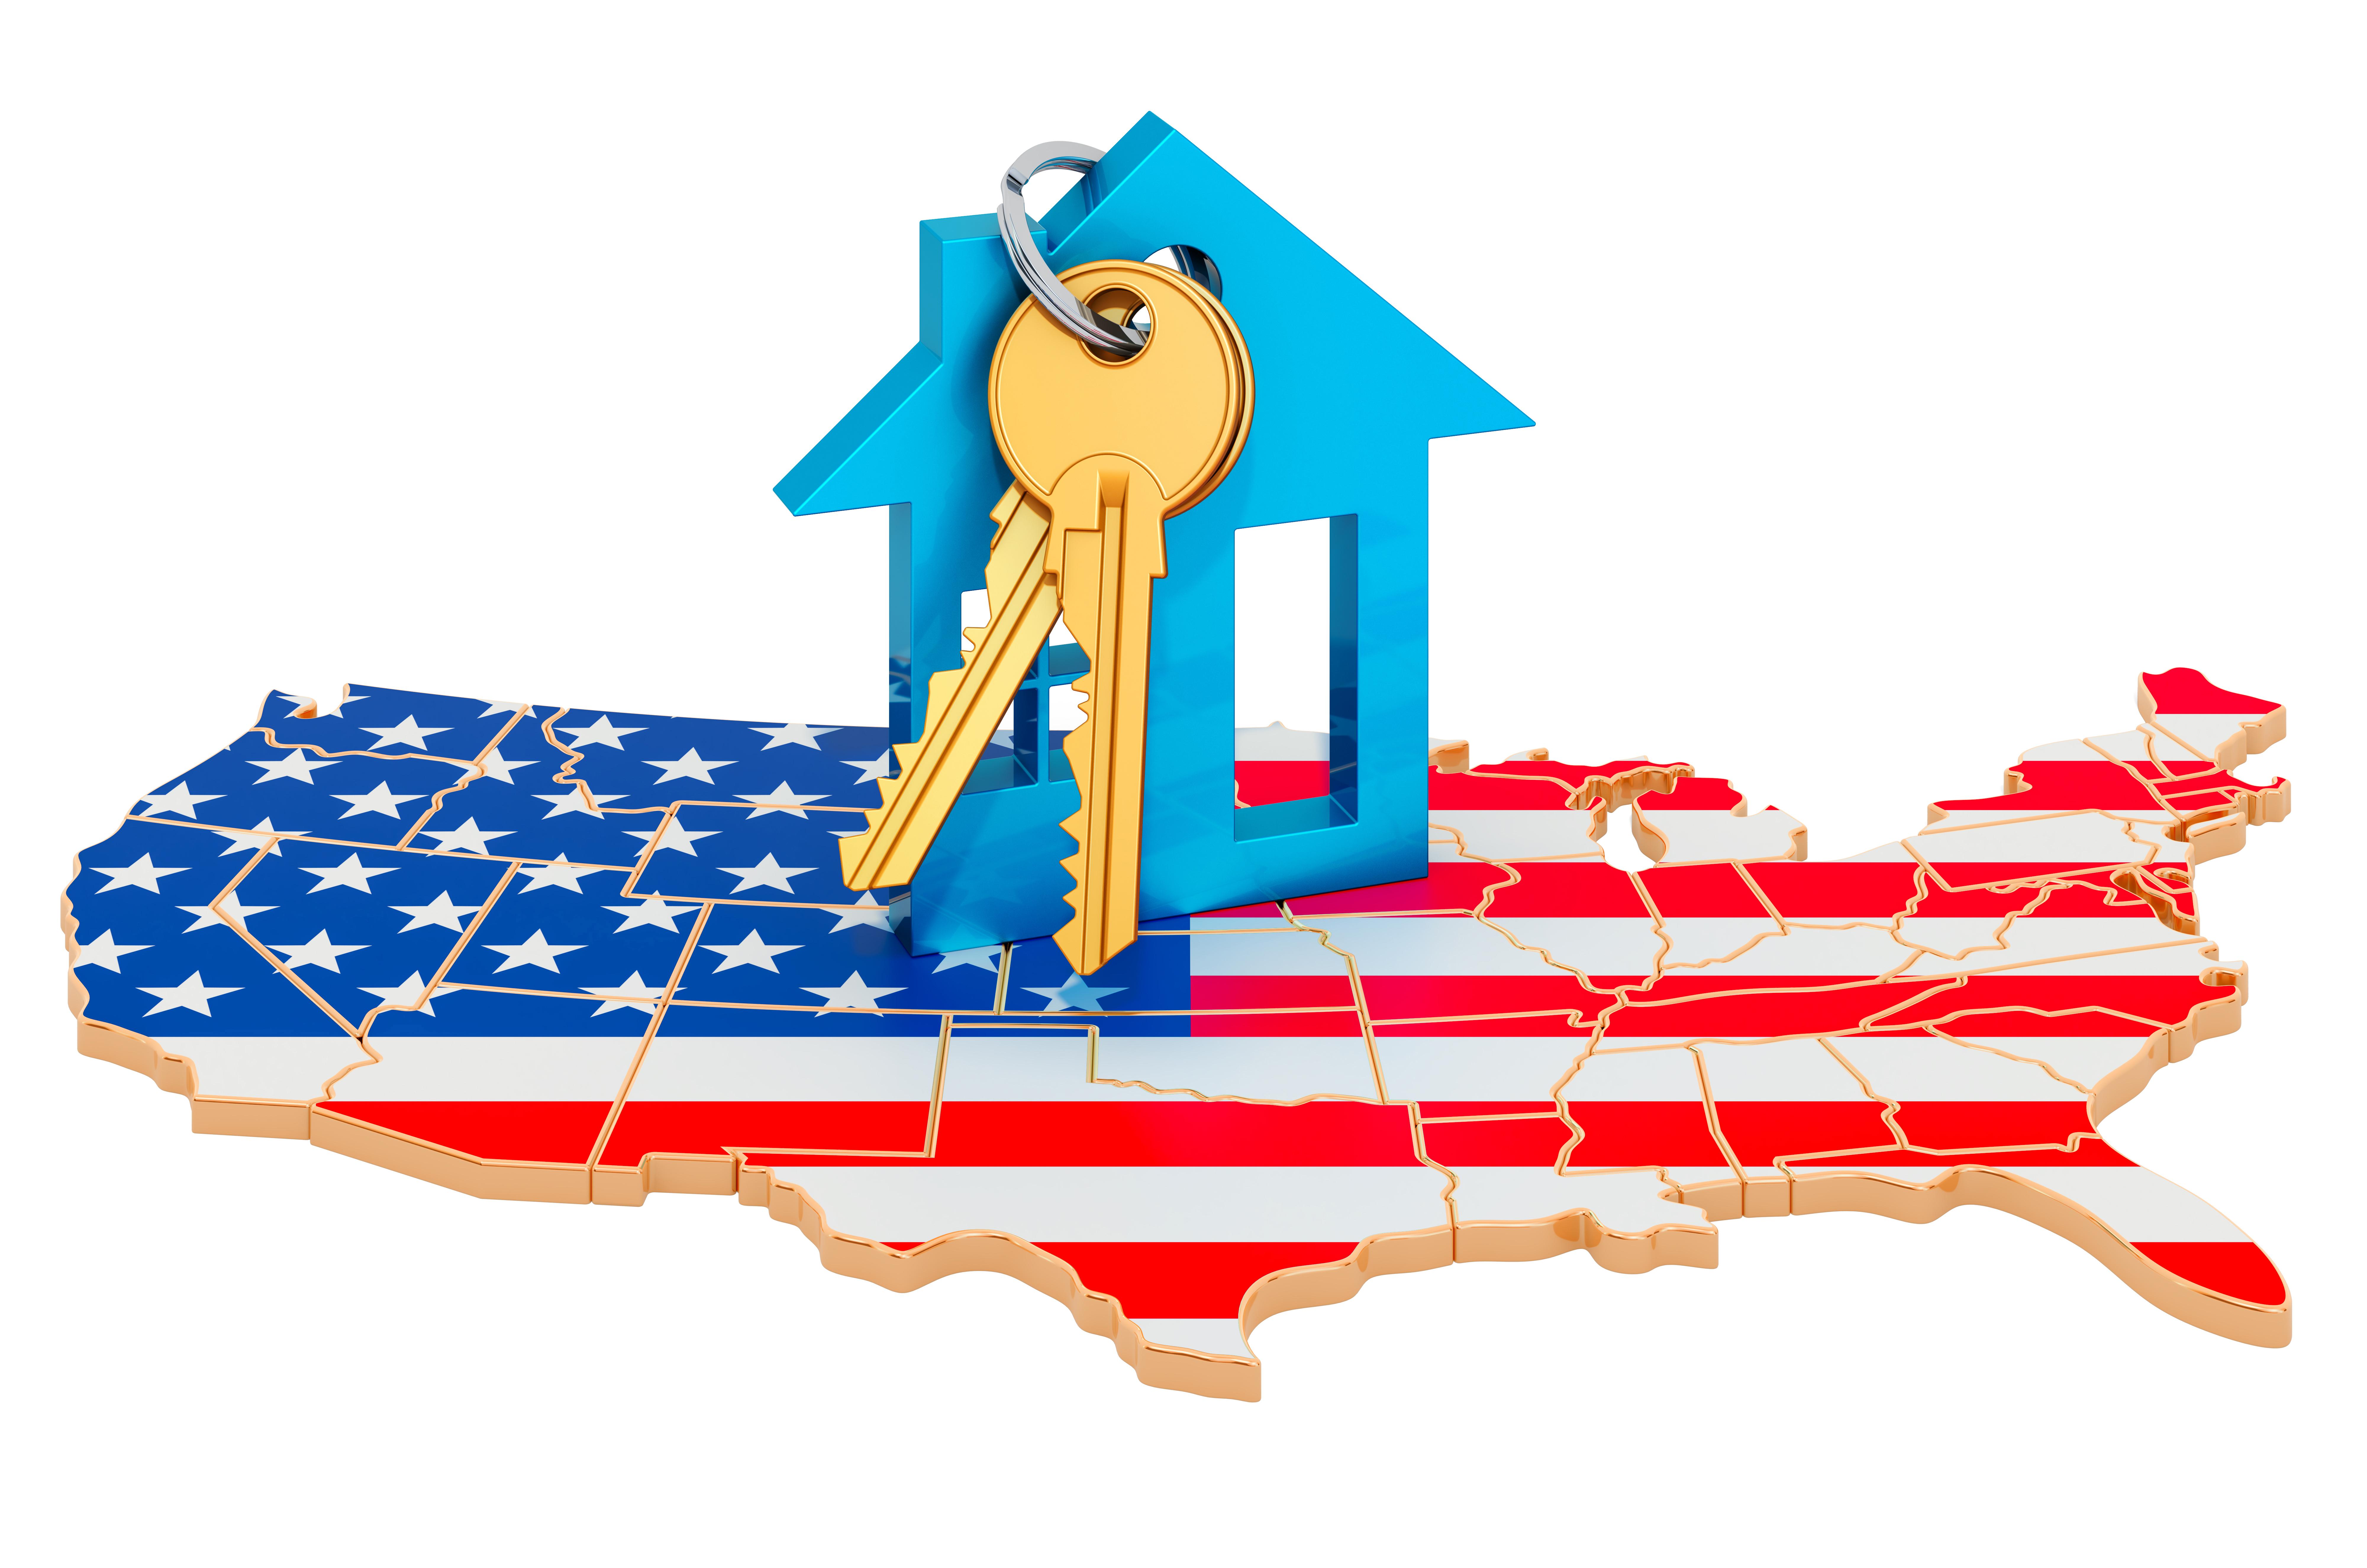 Дом на флаге США, страны, недвижимость в которой могут купить иностранцы